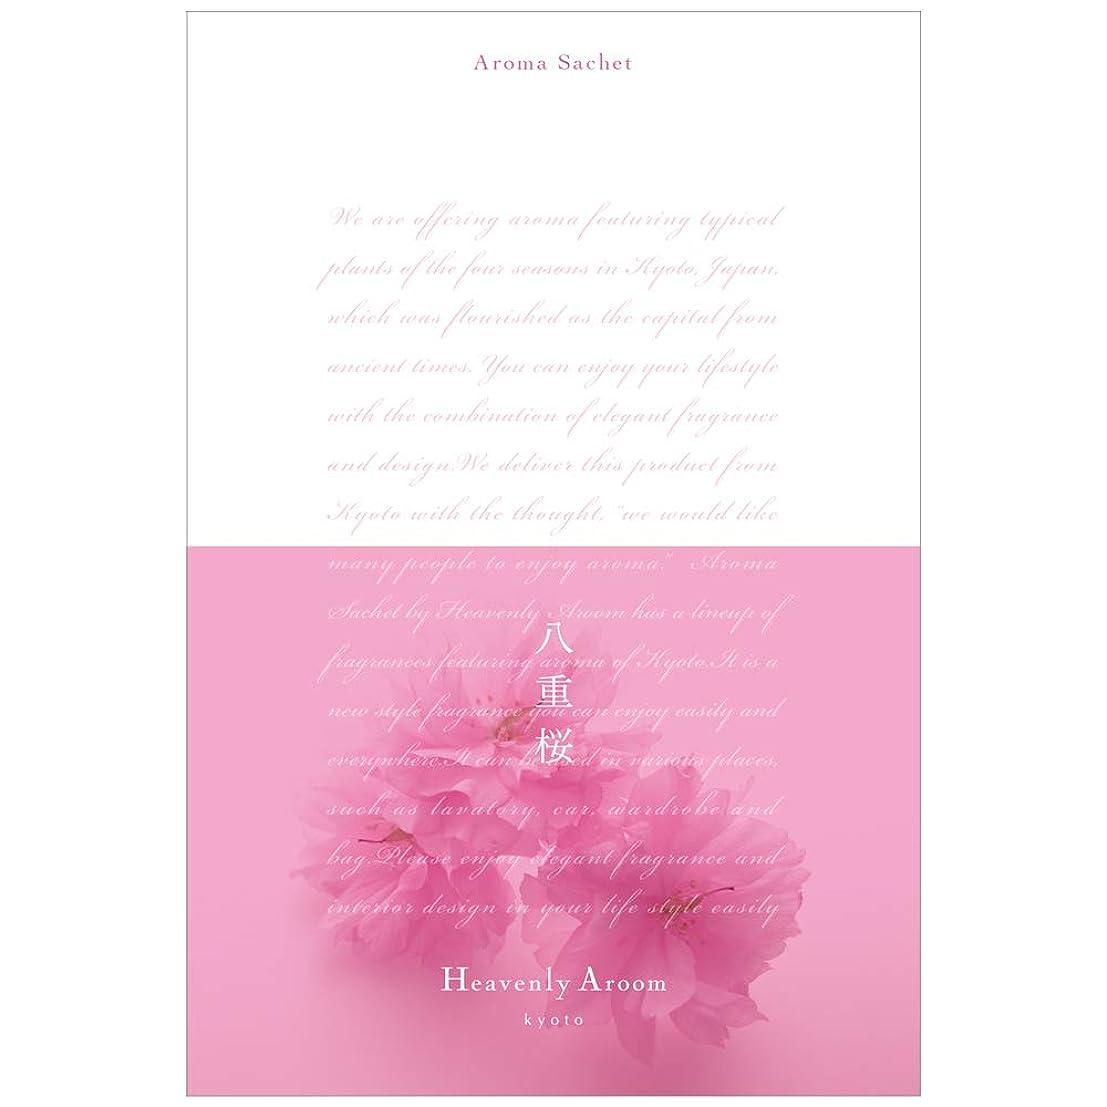 樫の木長方形離すHeavenly Aroom アロマサシェL 八重桜